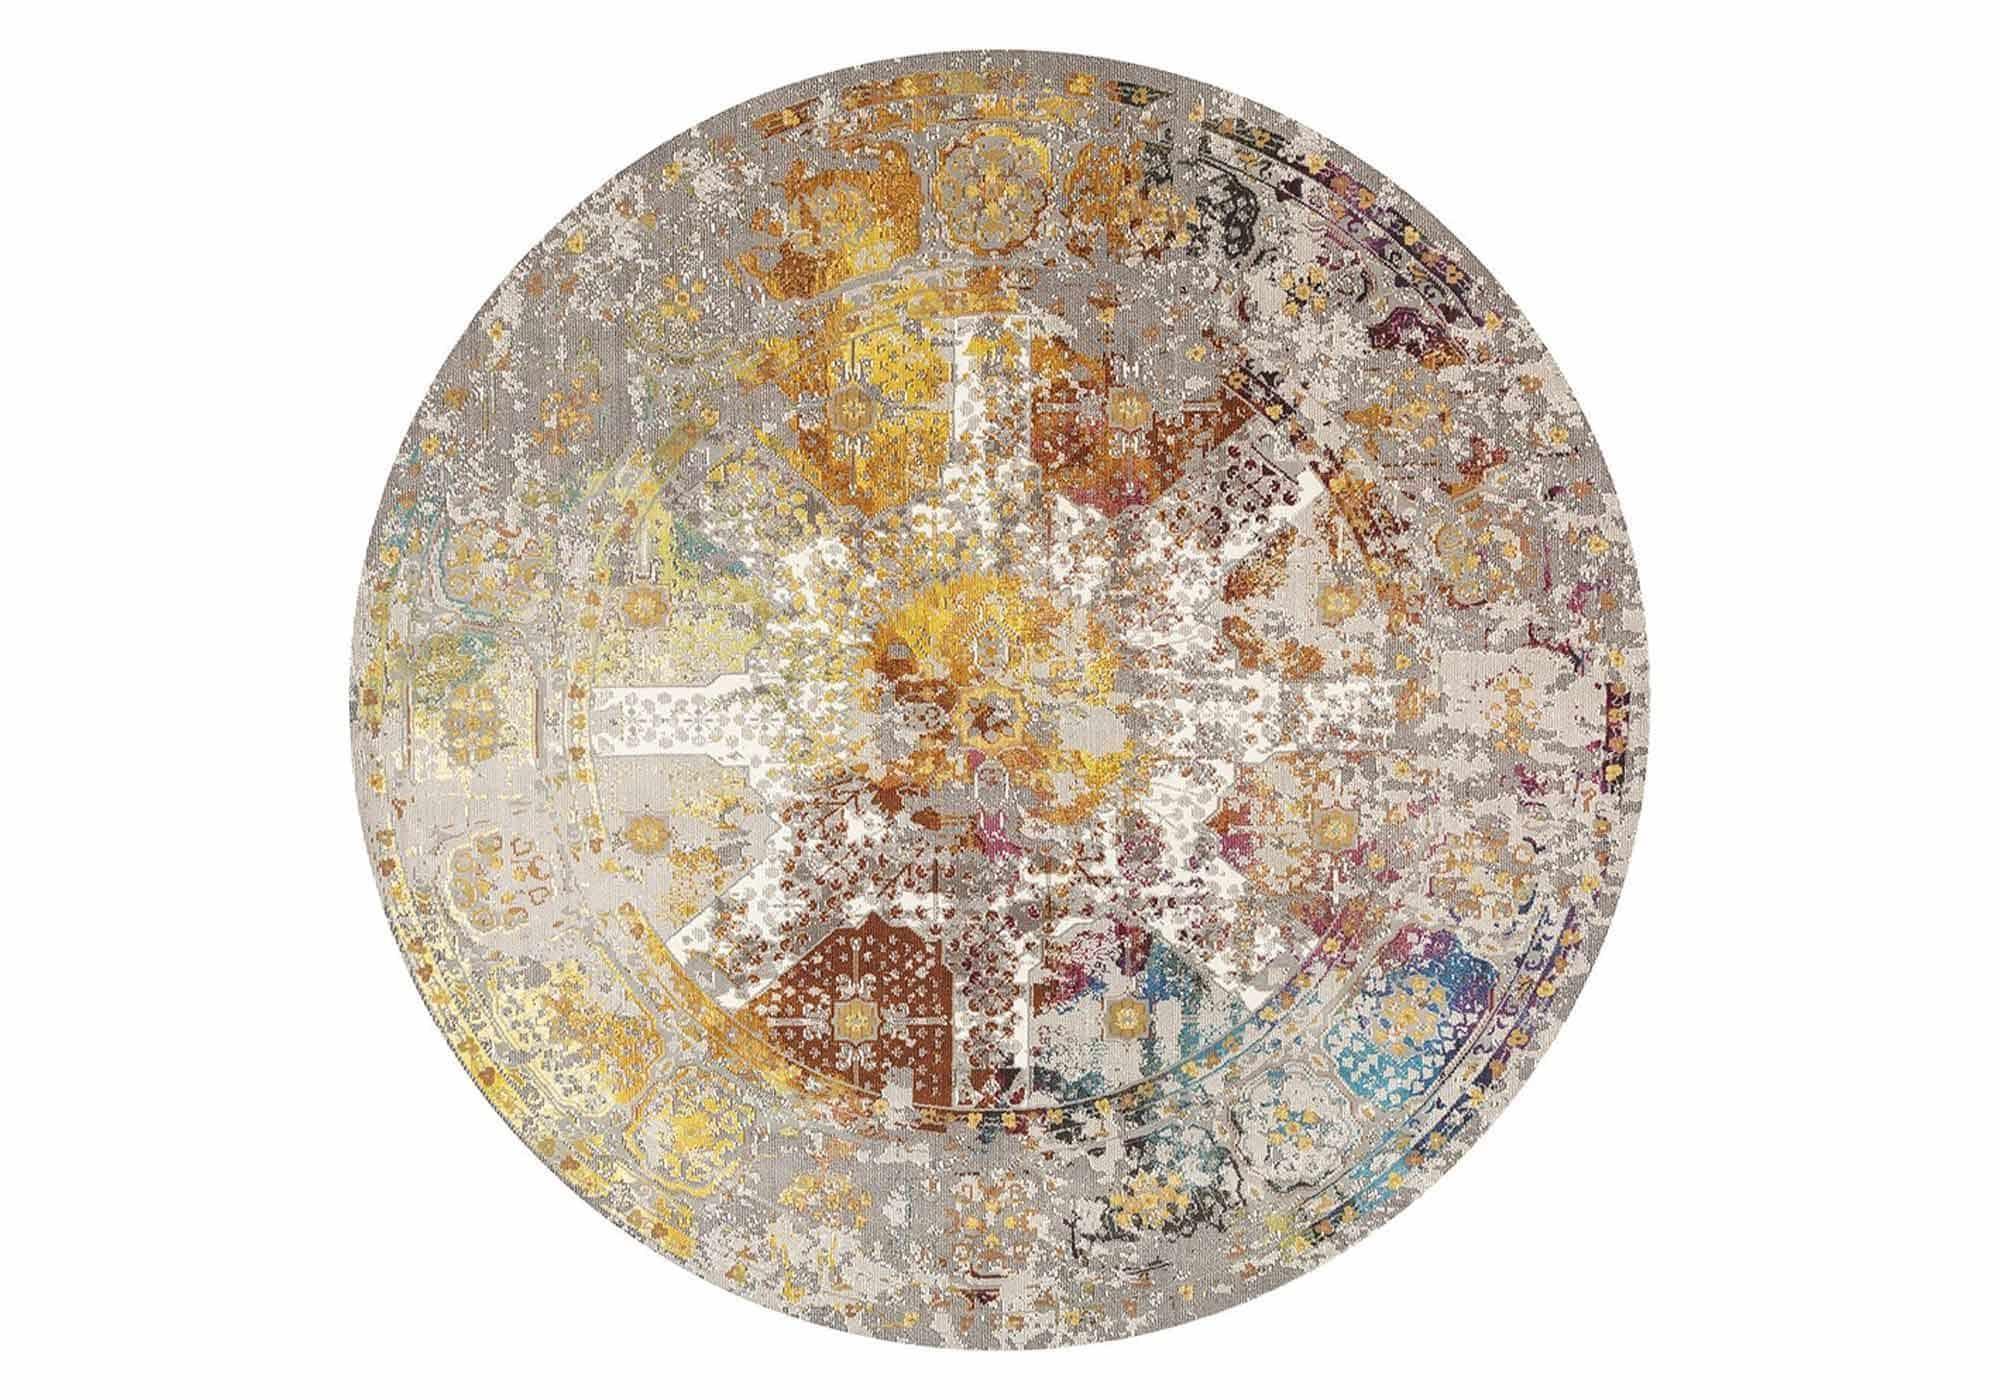 Festival Teppich - rund - 200 cm - mehrfarbig - Picasso 597 Feraghan